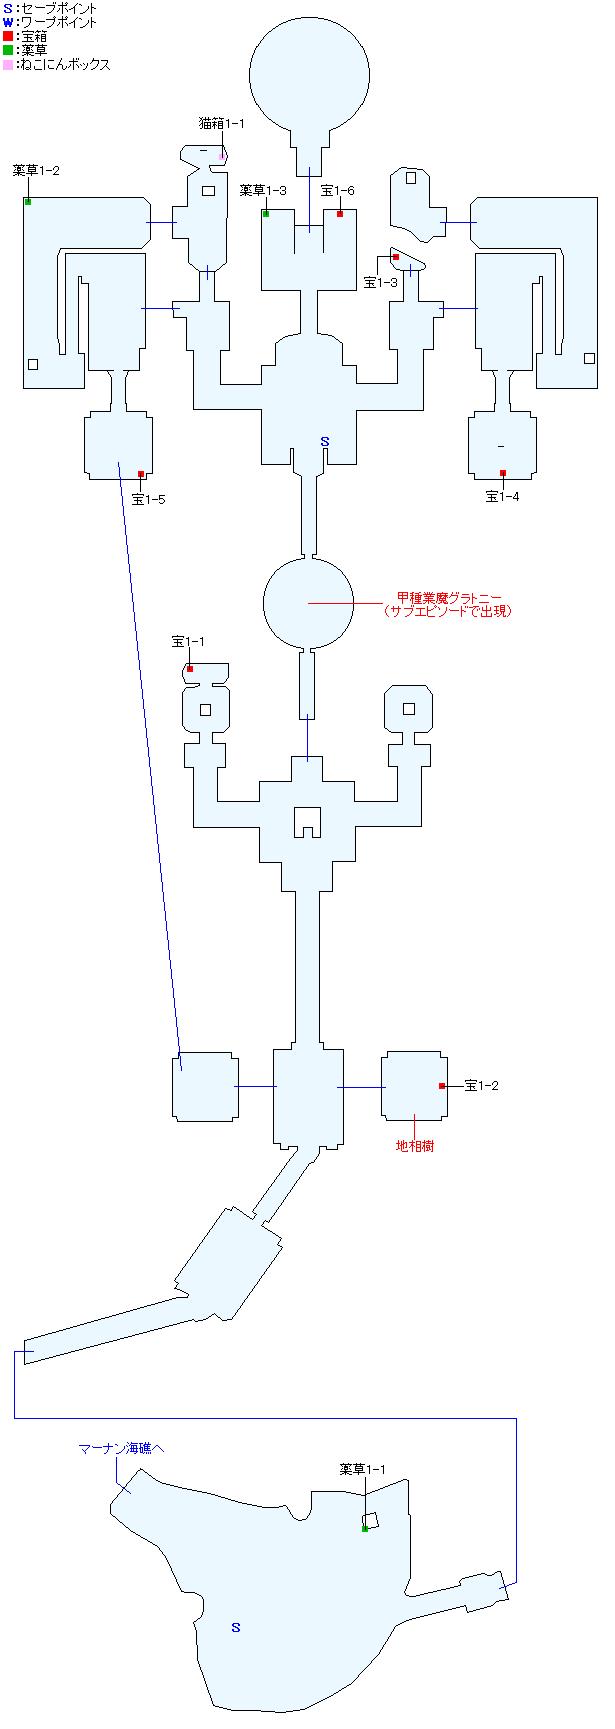 マップ画像・聖殿パラミデス